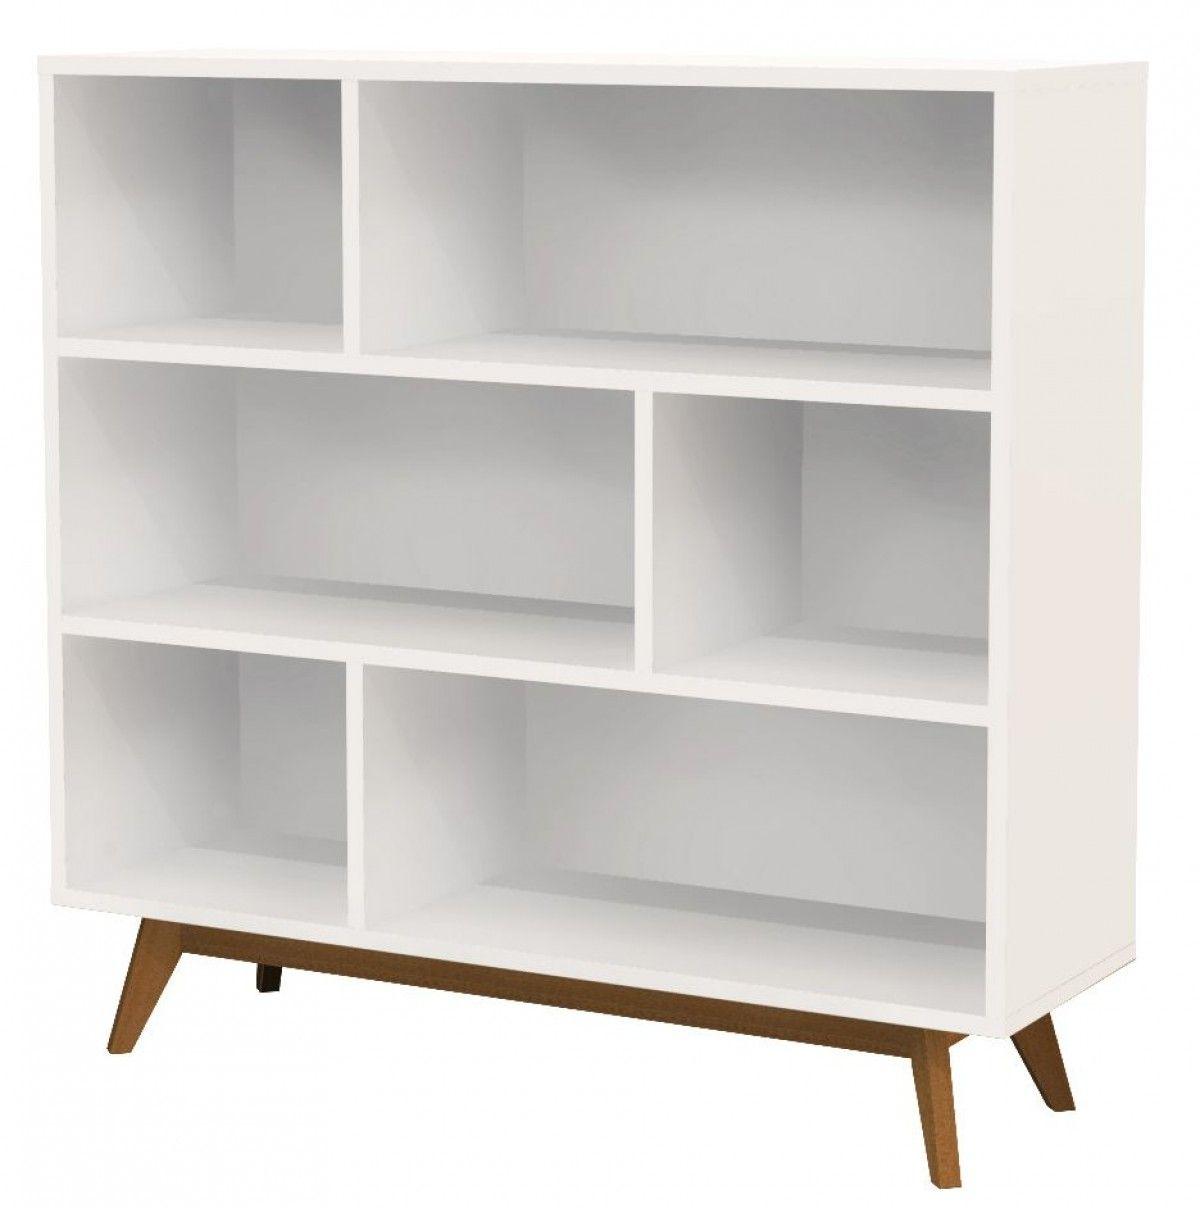 afbeeldingsresultaat voor design boekenkast wit